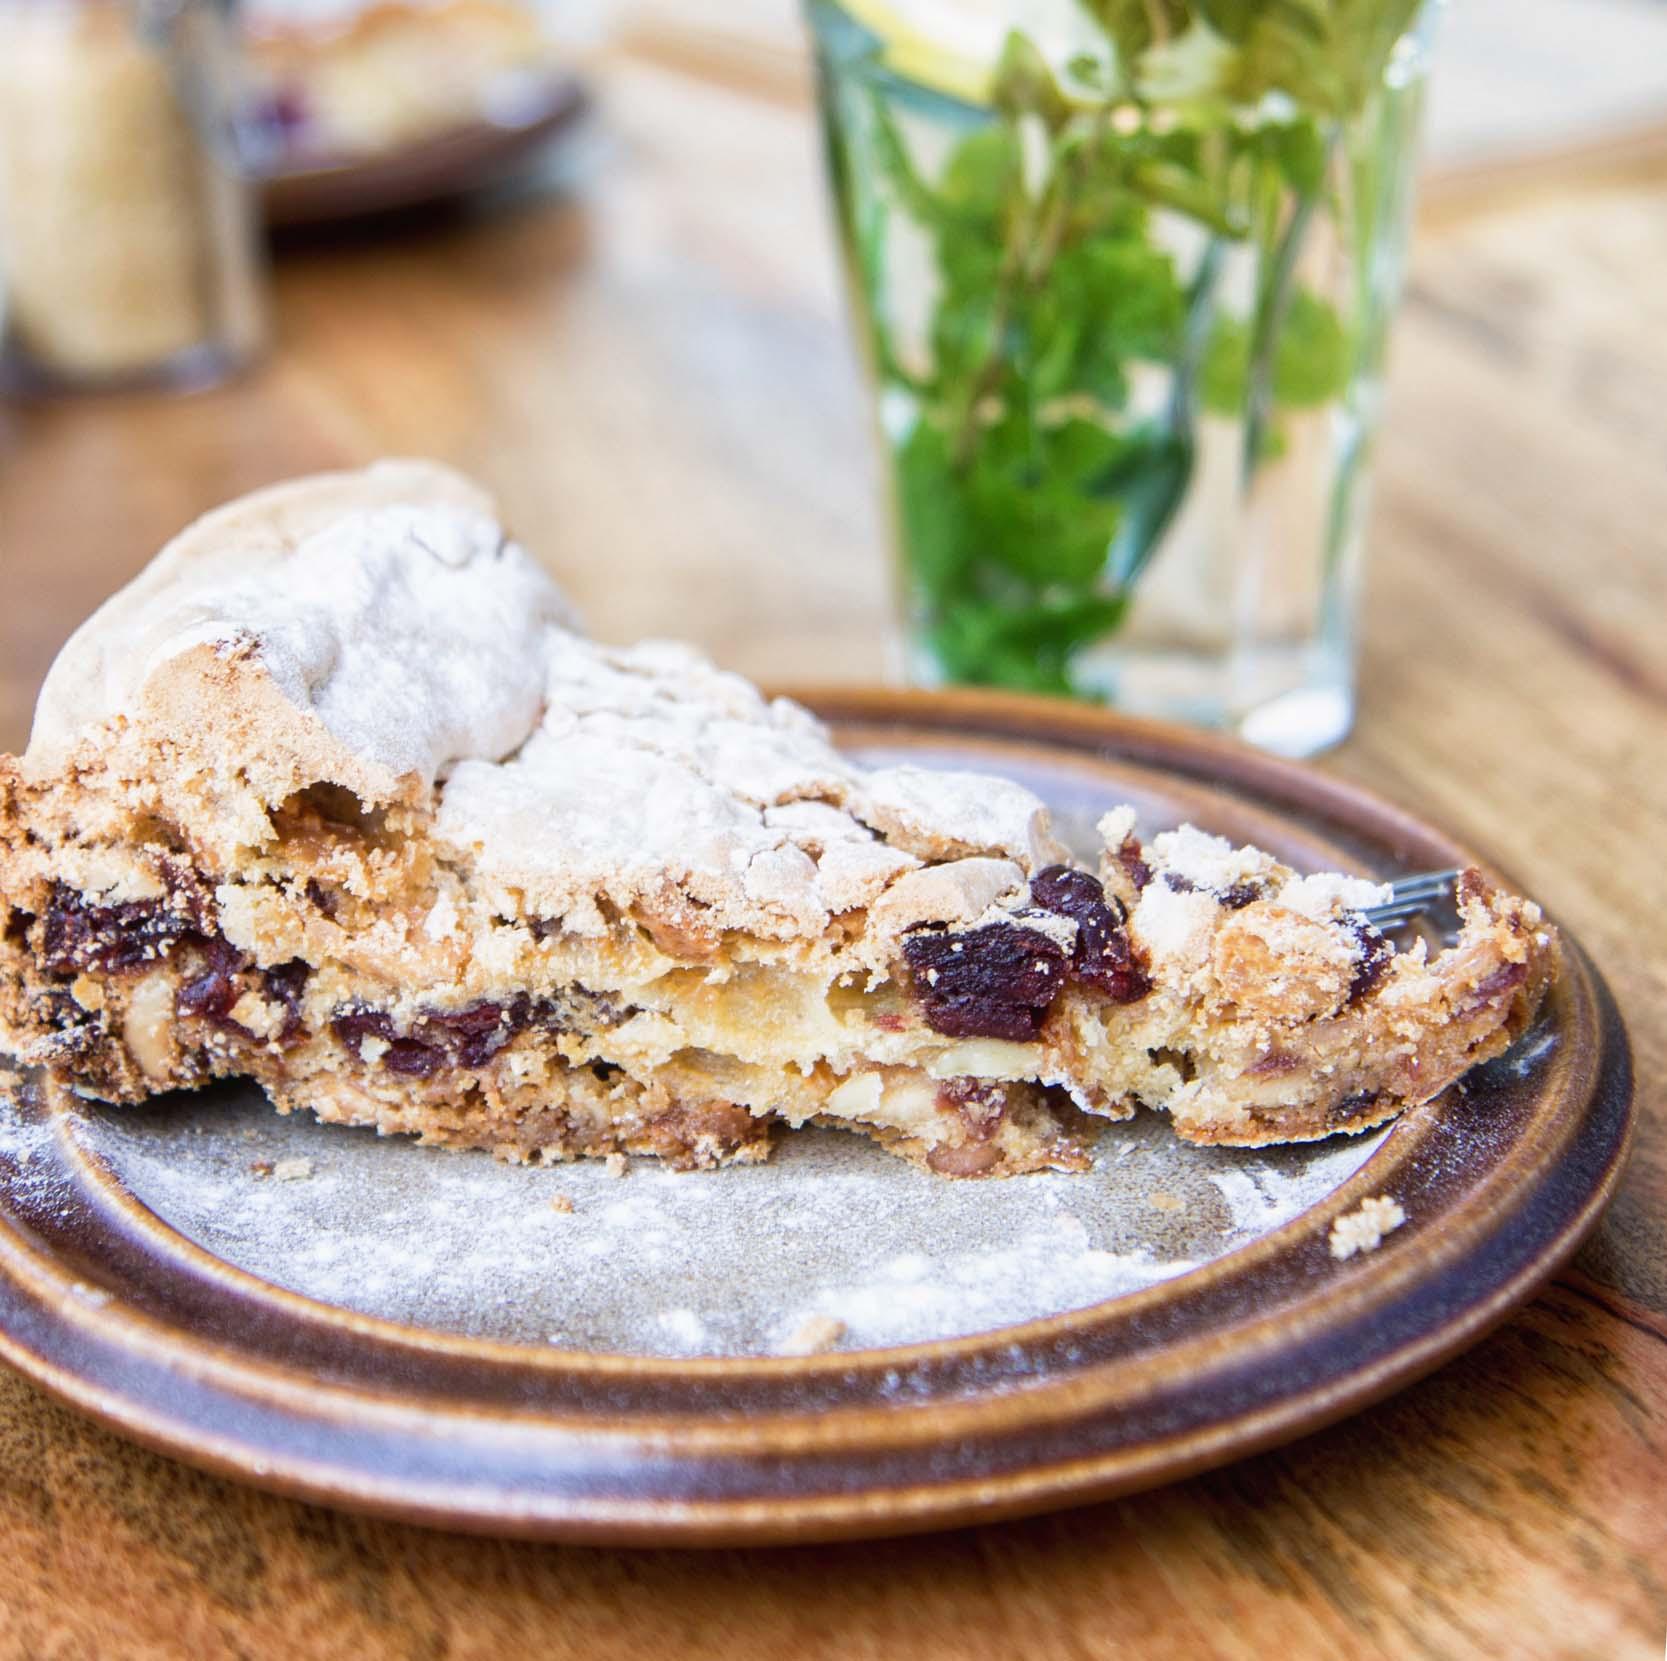 schuimtaart-cranberry-amandel-dronten-taart